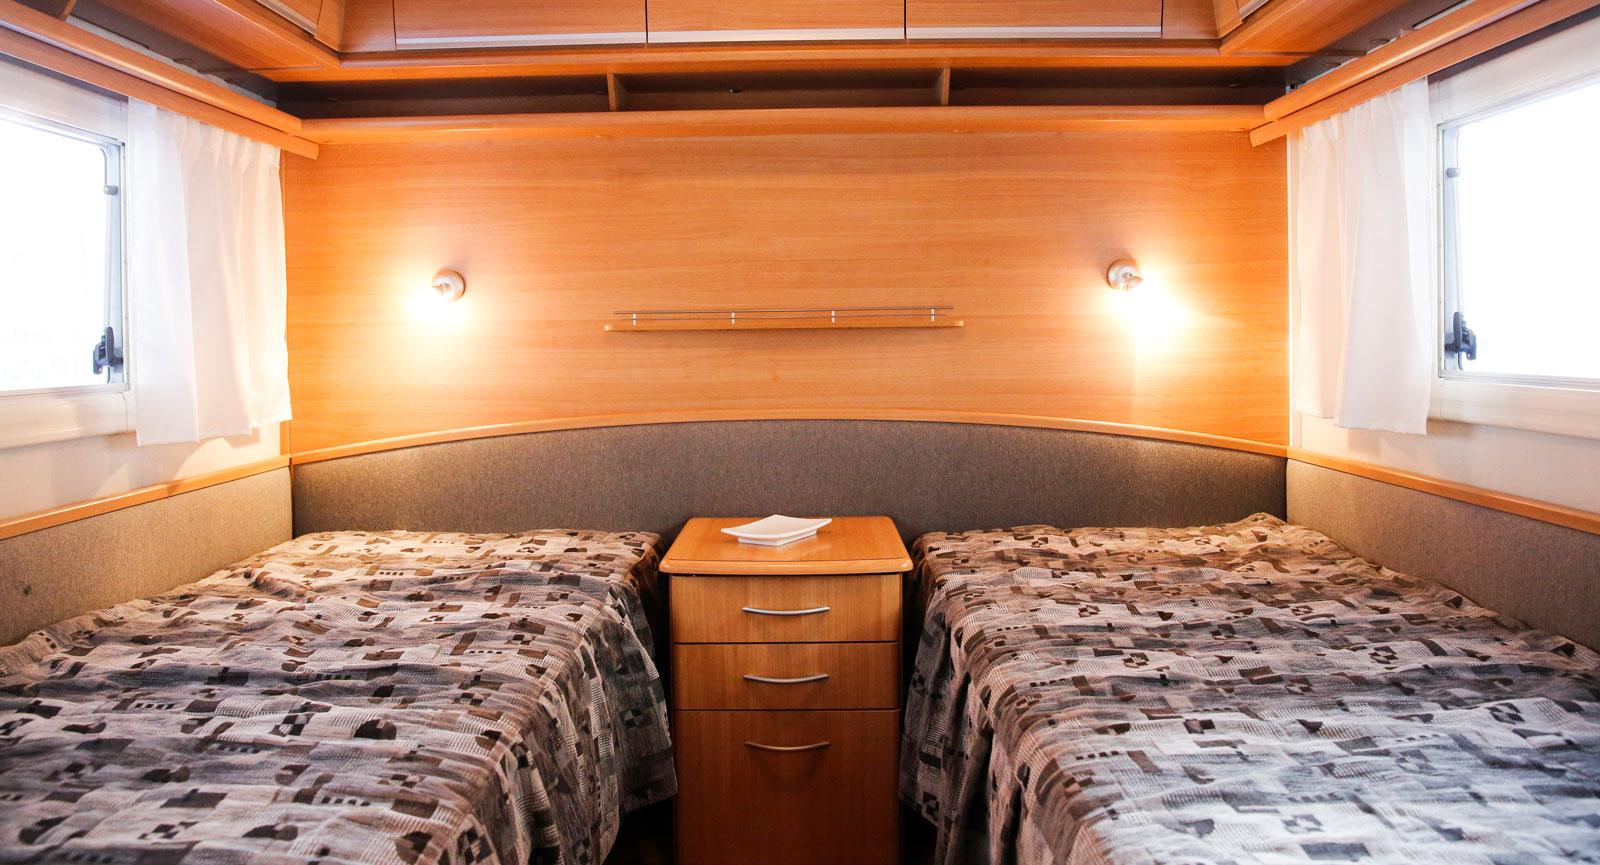 Två längsgående och separata enkelsängar med lådhurts i mitten. Bra läslampor, hyllförvaringar och distansskivor mot väggen.